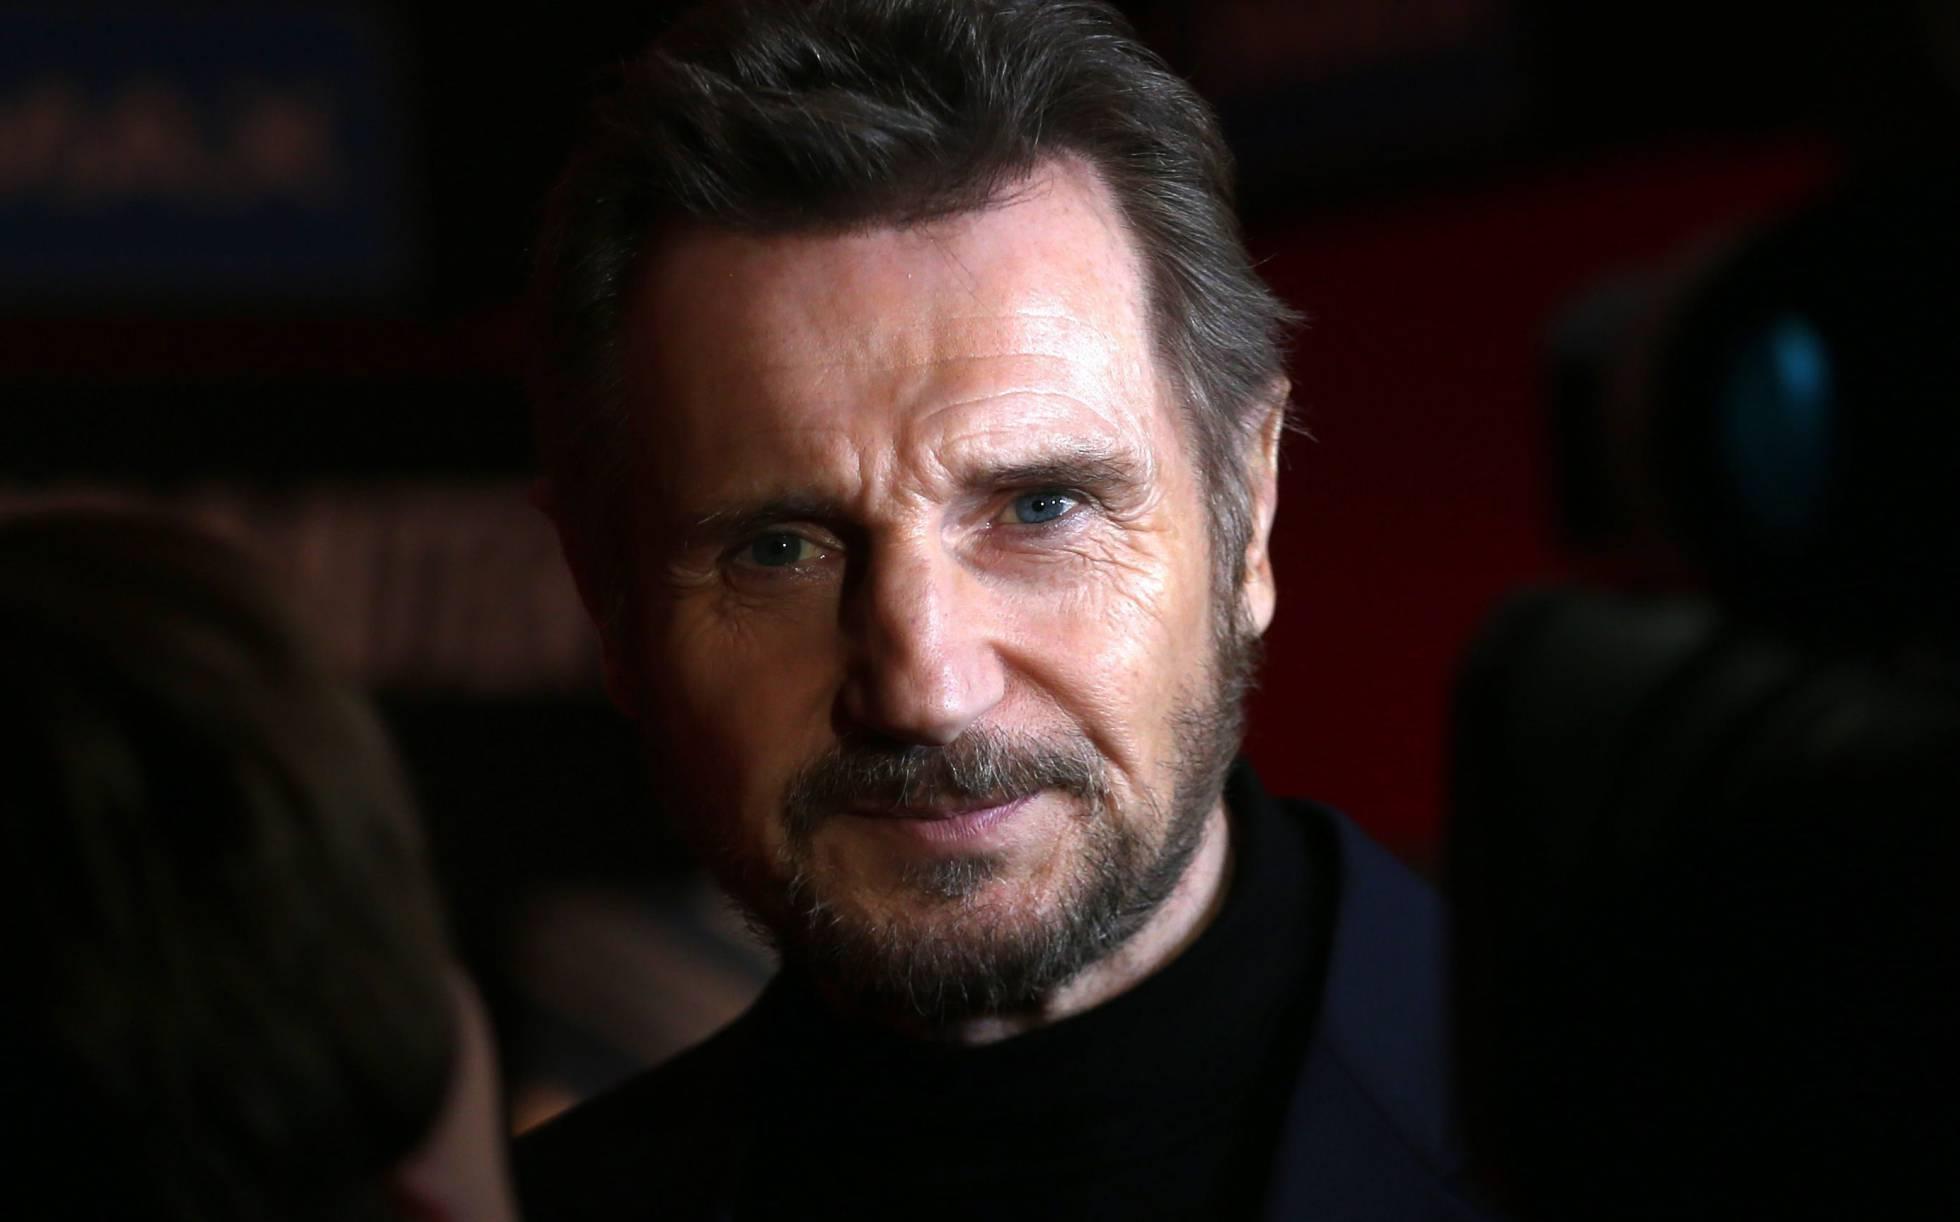 La maldición que persigue a Liam Neeson